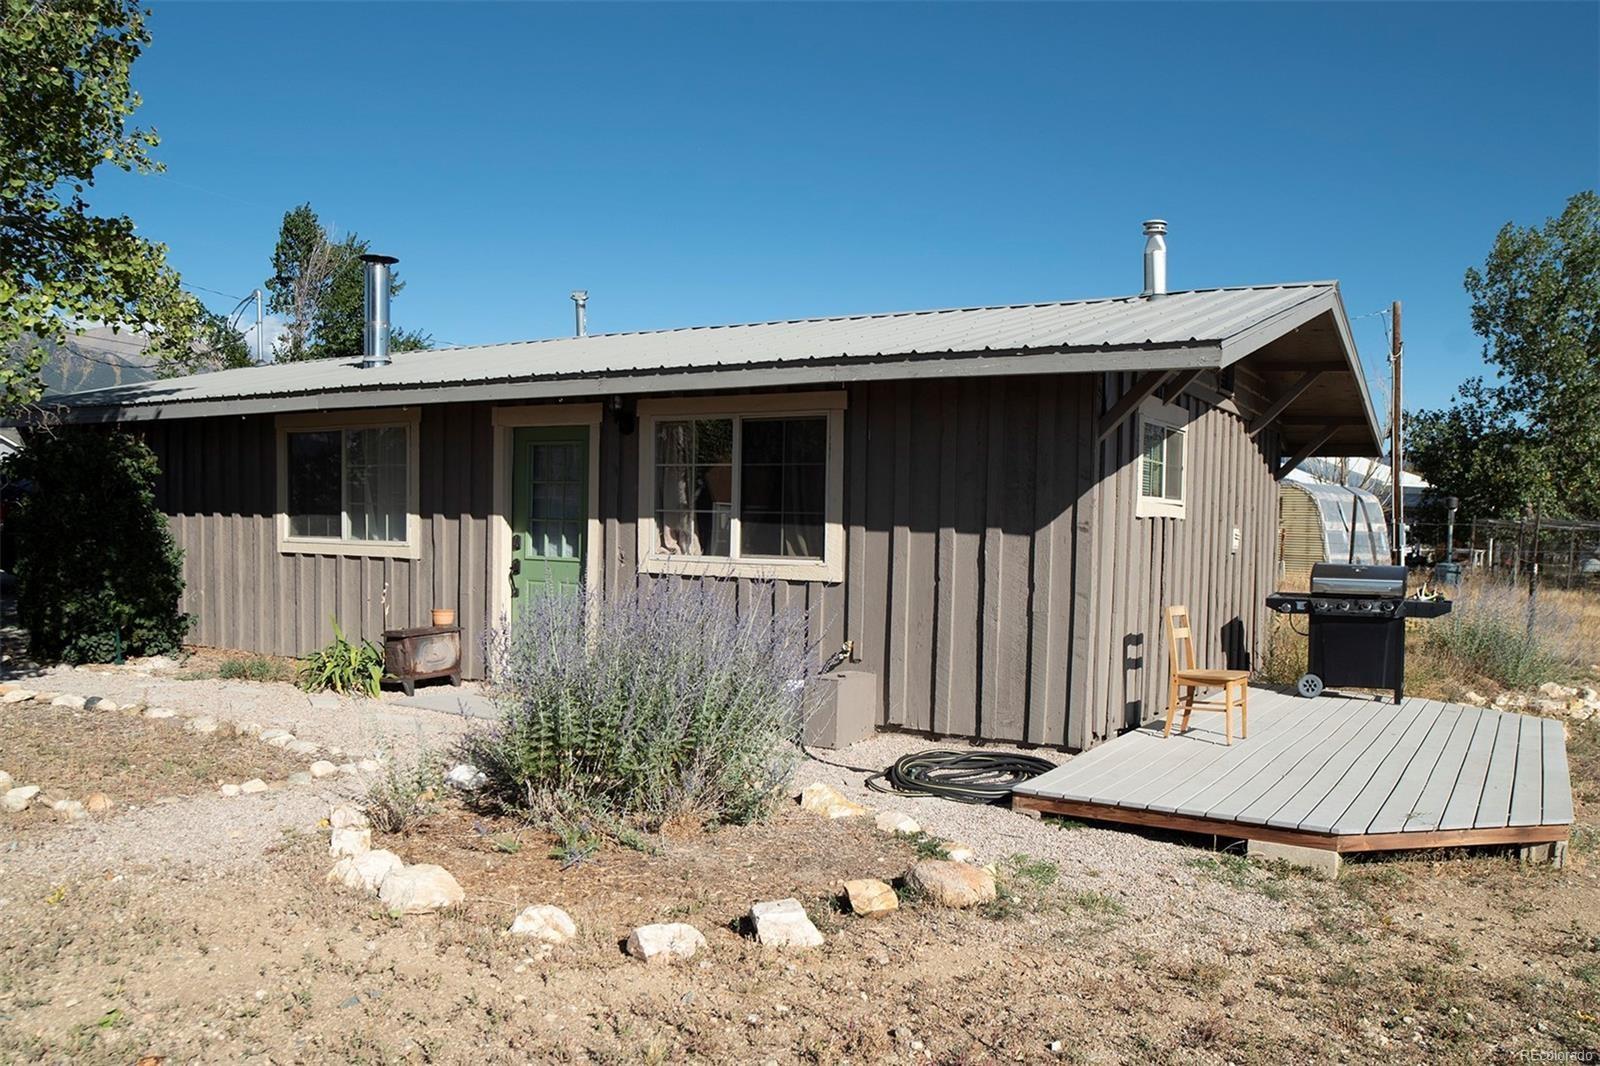 MLS# 4848354 - 1 - 29850 County Road 355 , Buena Vista, CO 81211